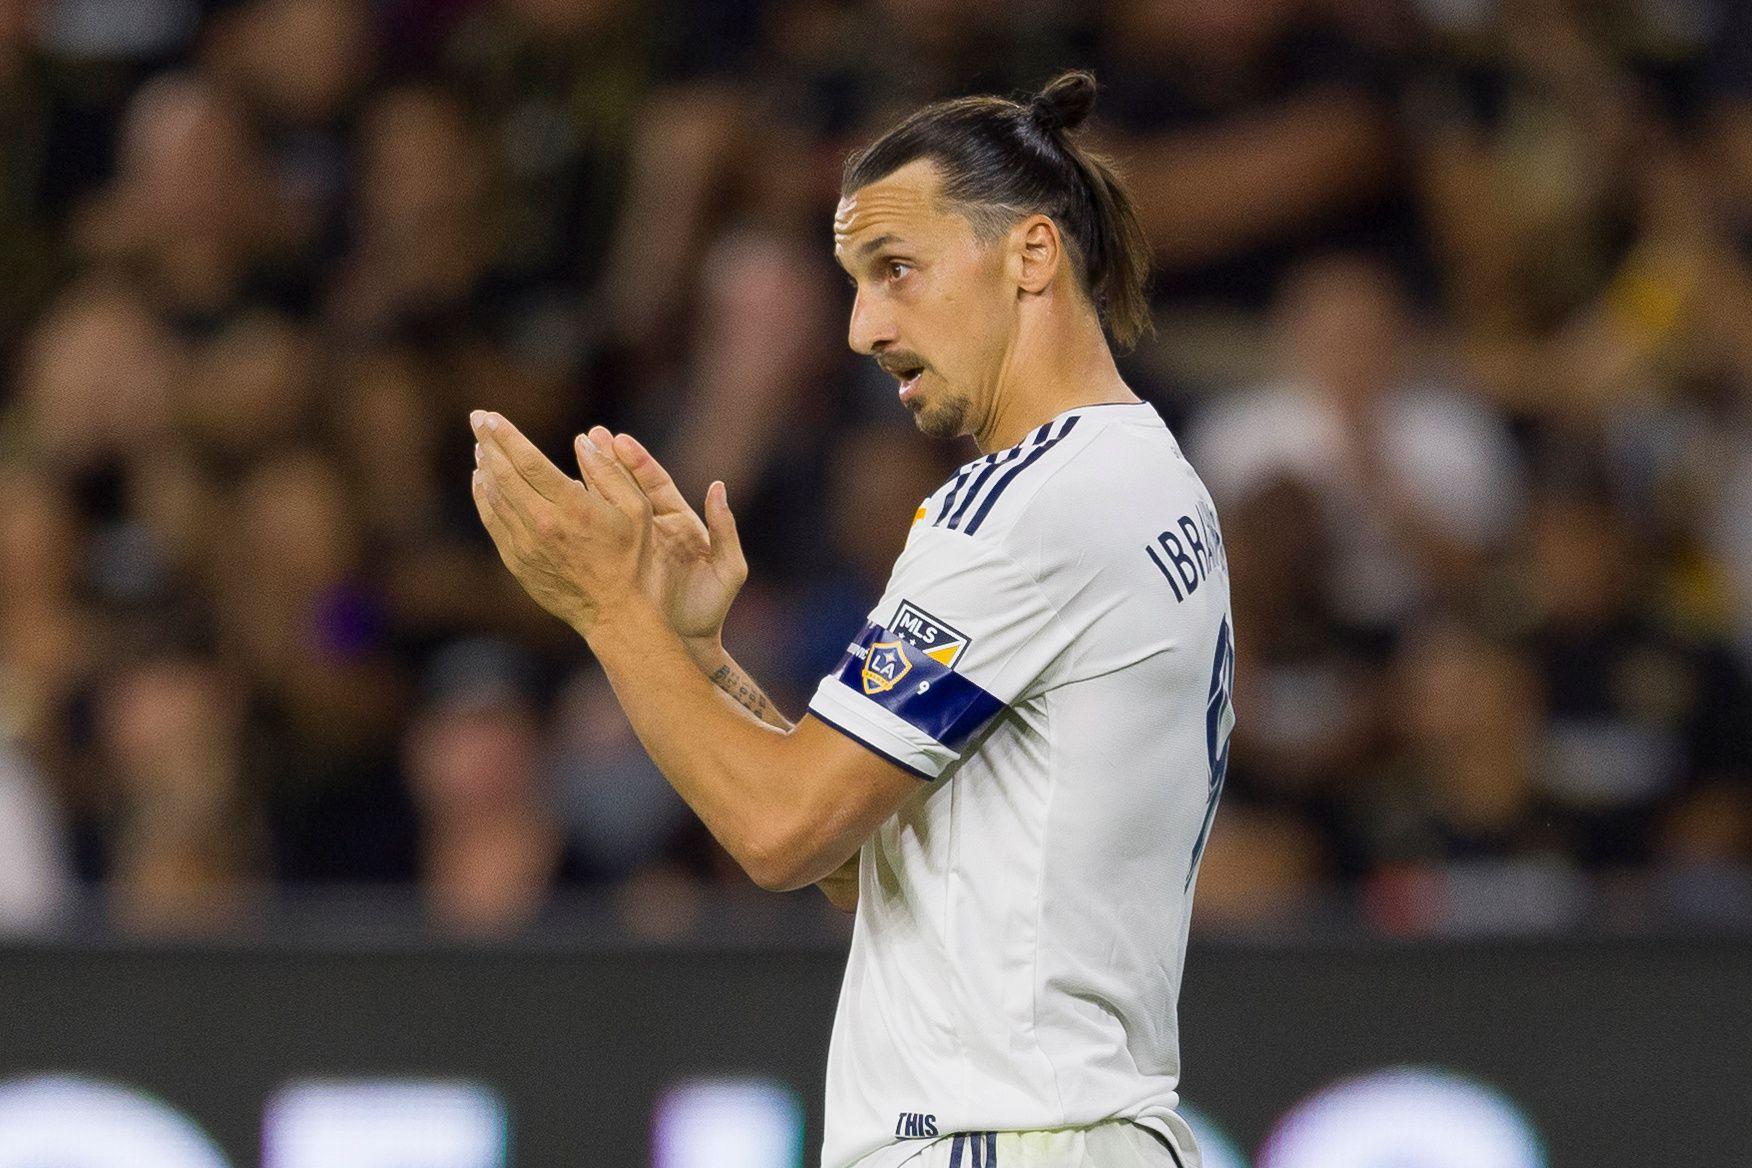 El Galaxy busca una figura para reemplazar a Ibrahimovic, que dejó el club hace unas semanas (Foto: Archivo)